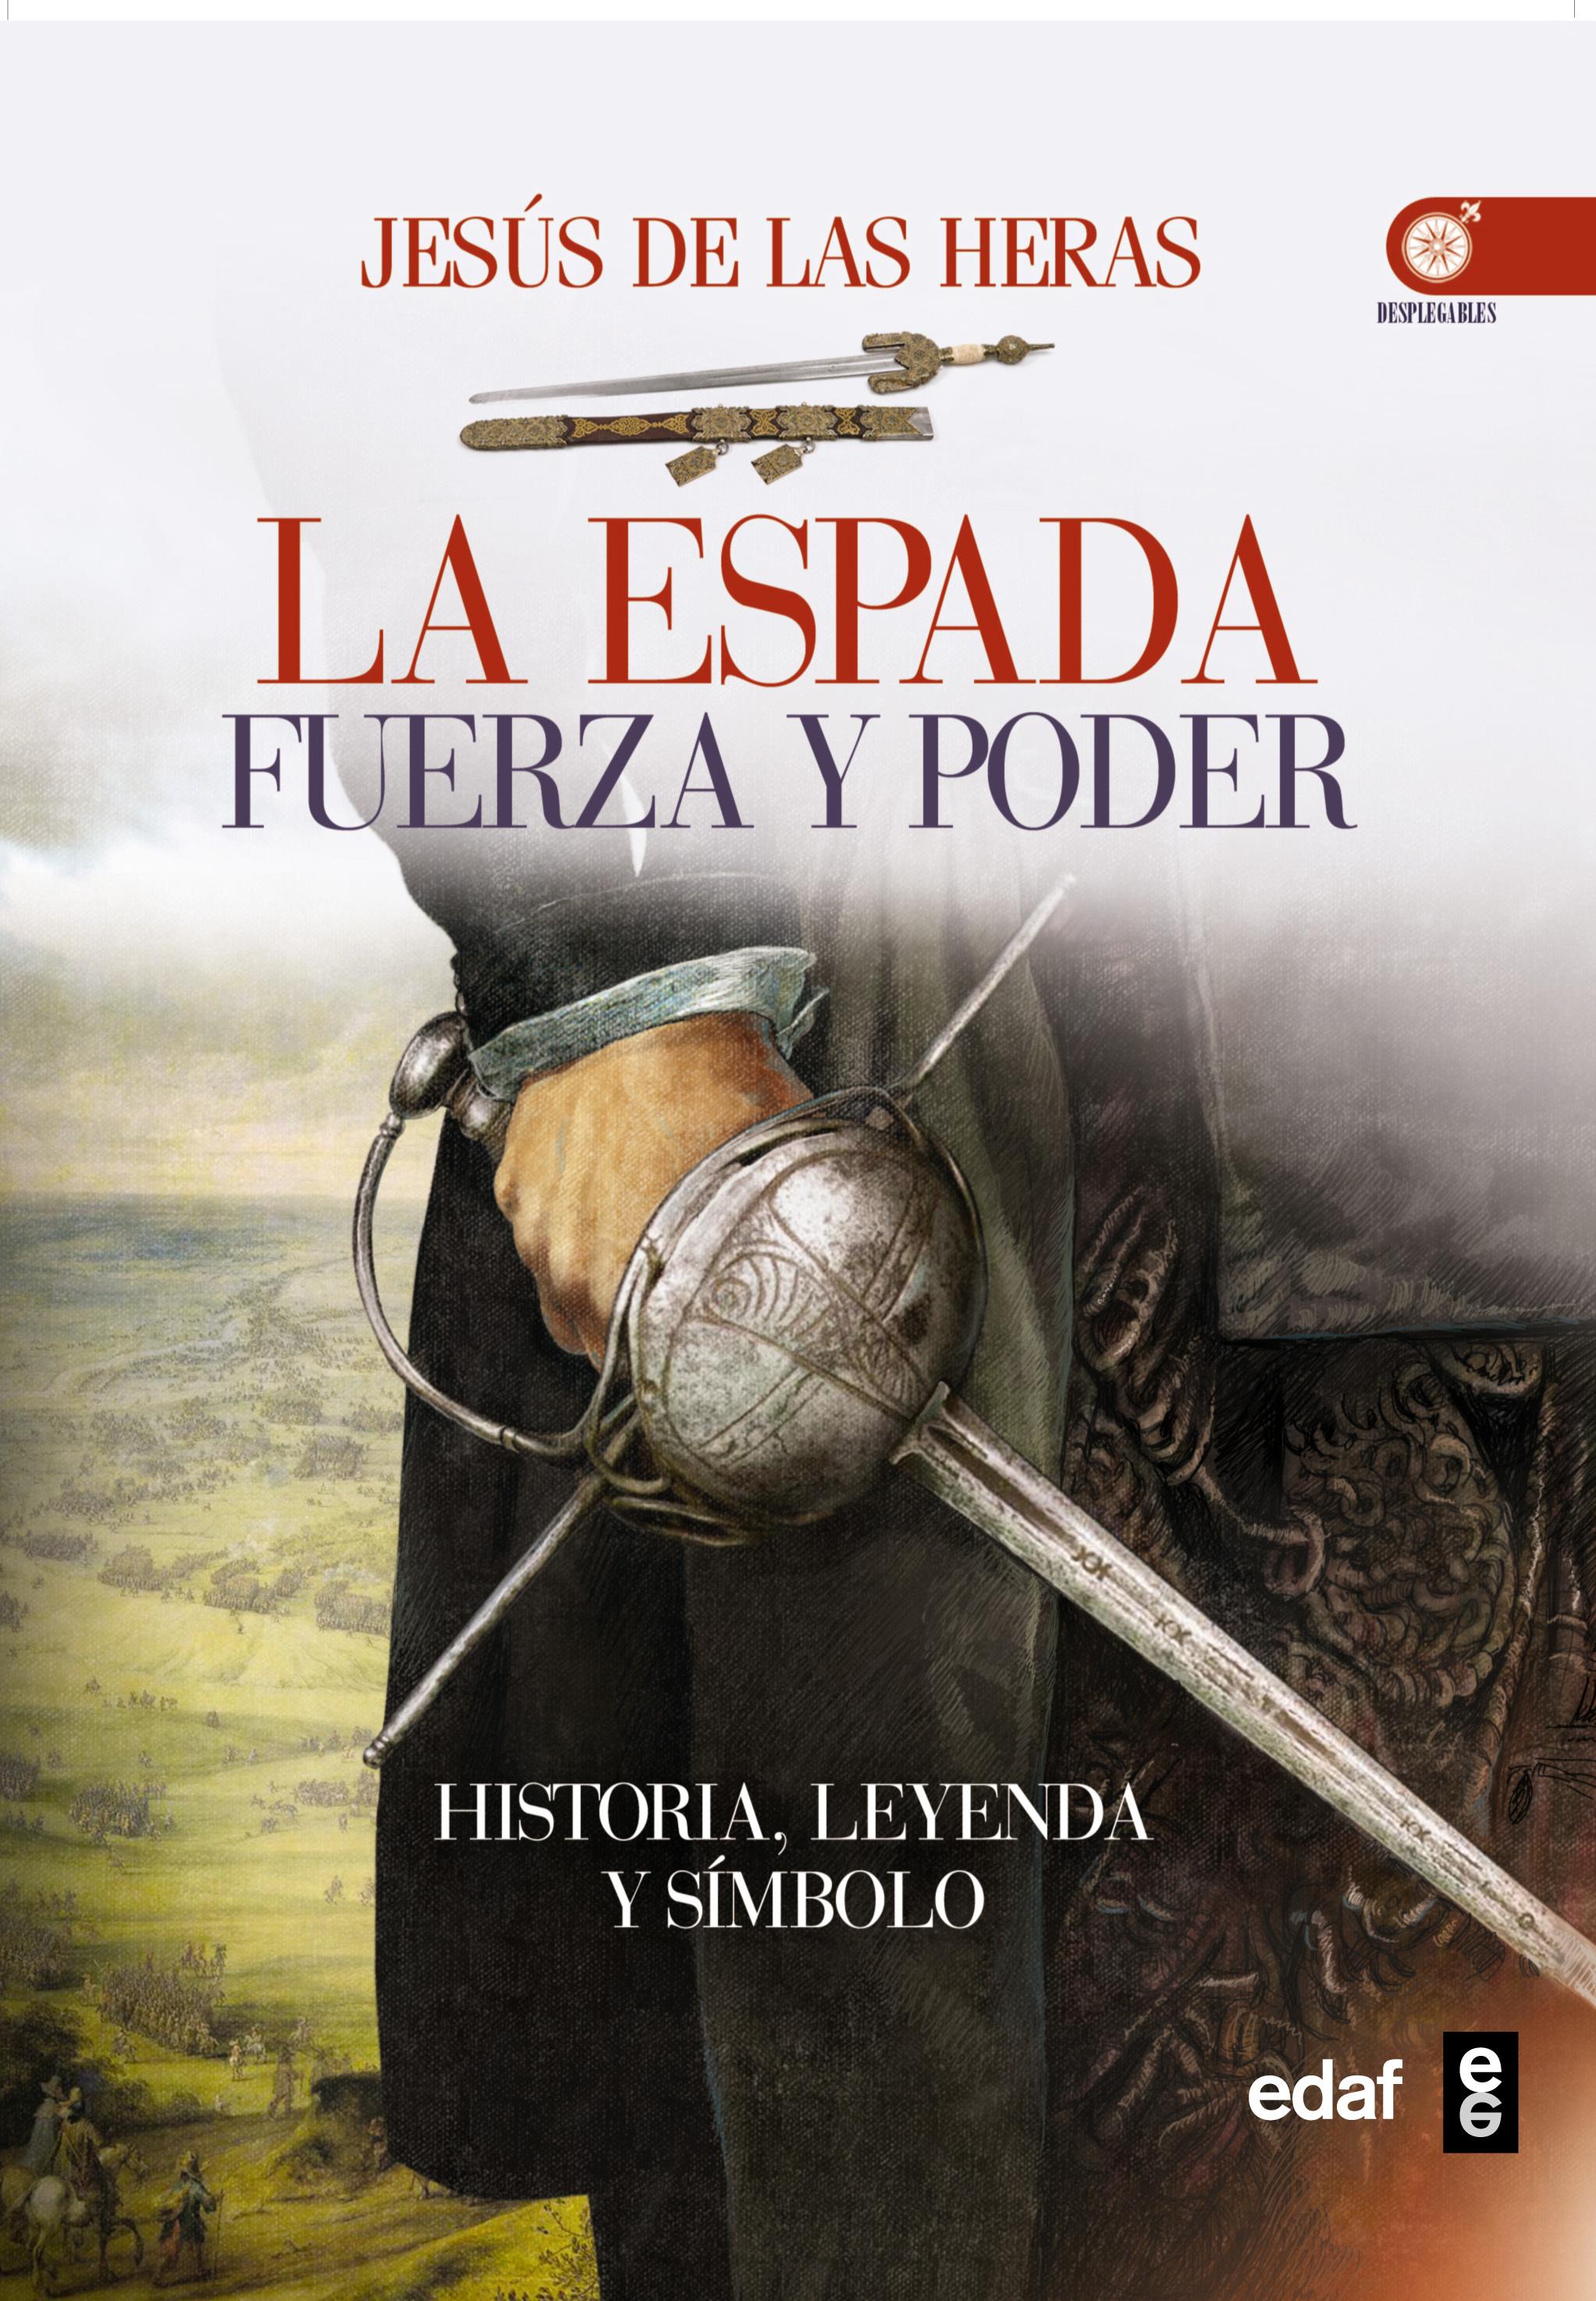 LA ESPADA. FUERZA Y PODER